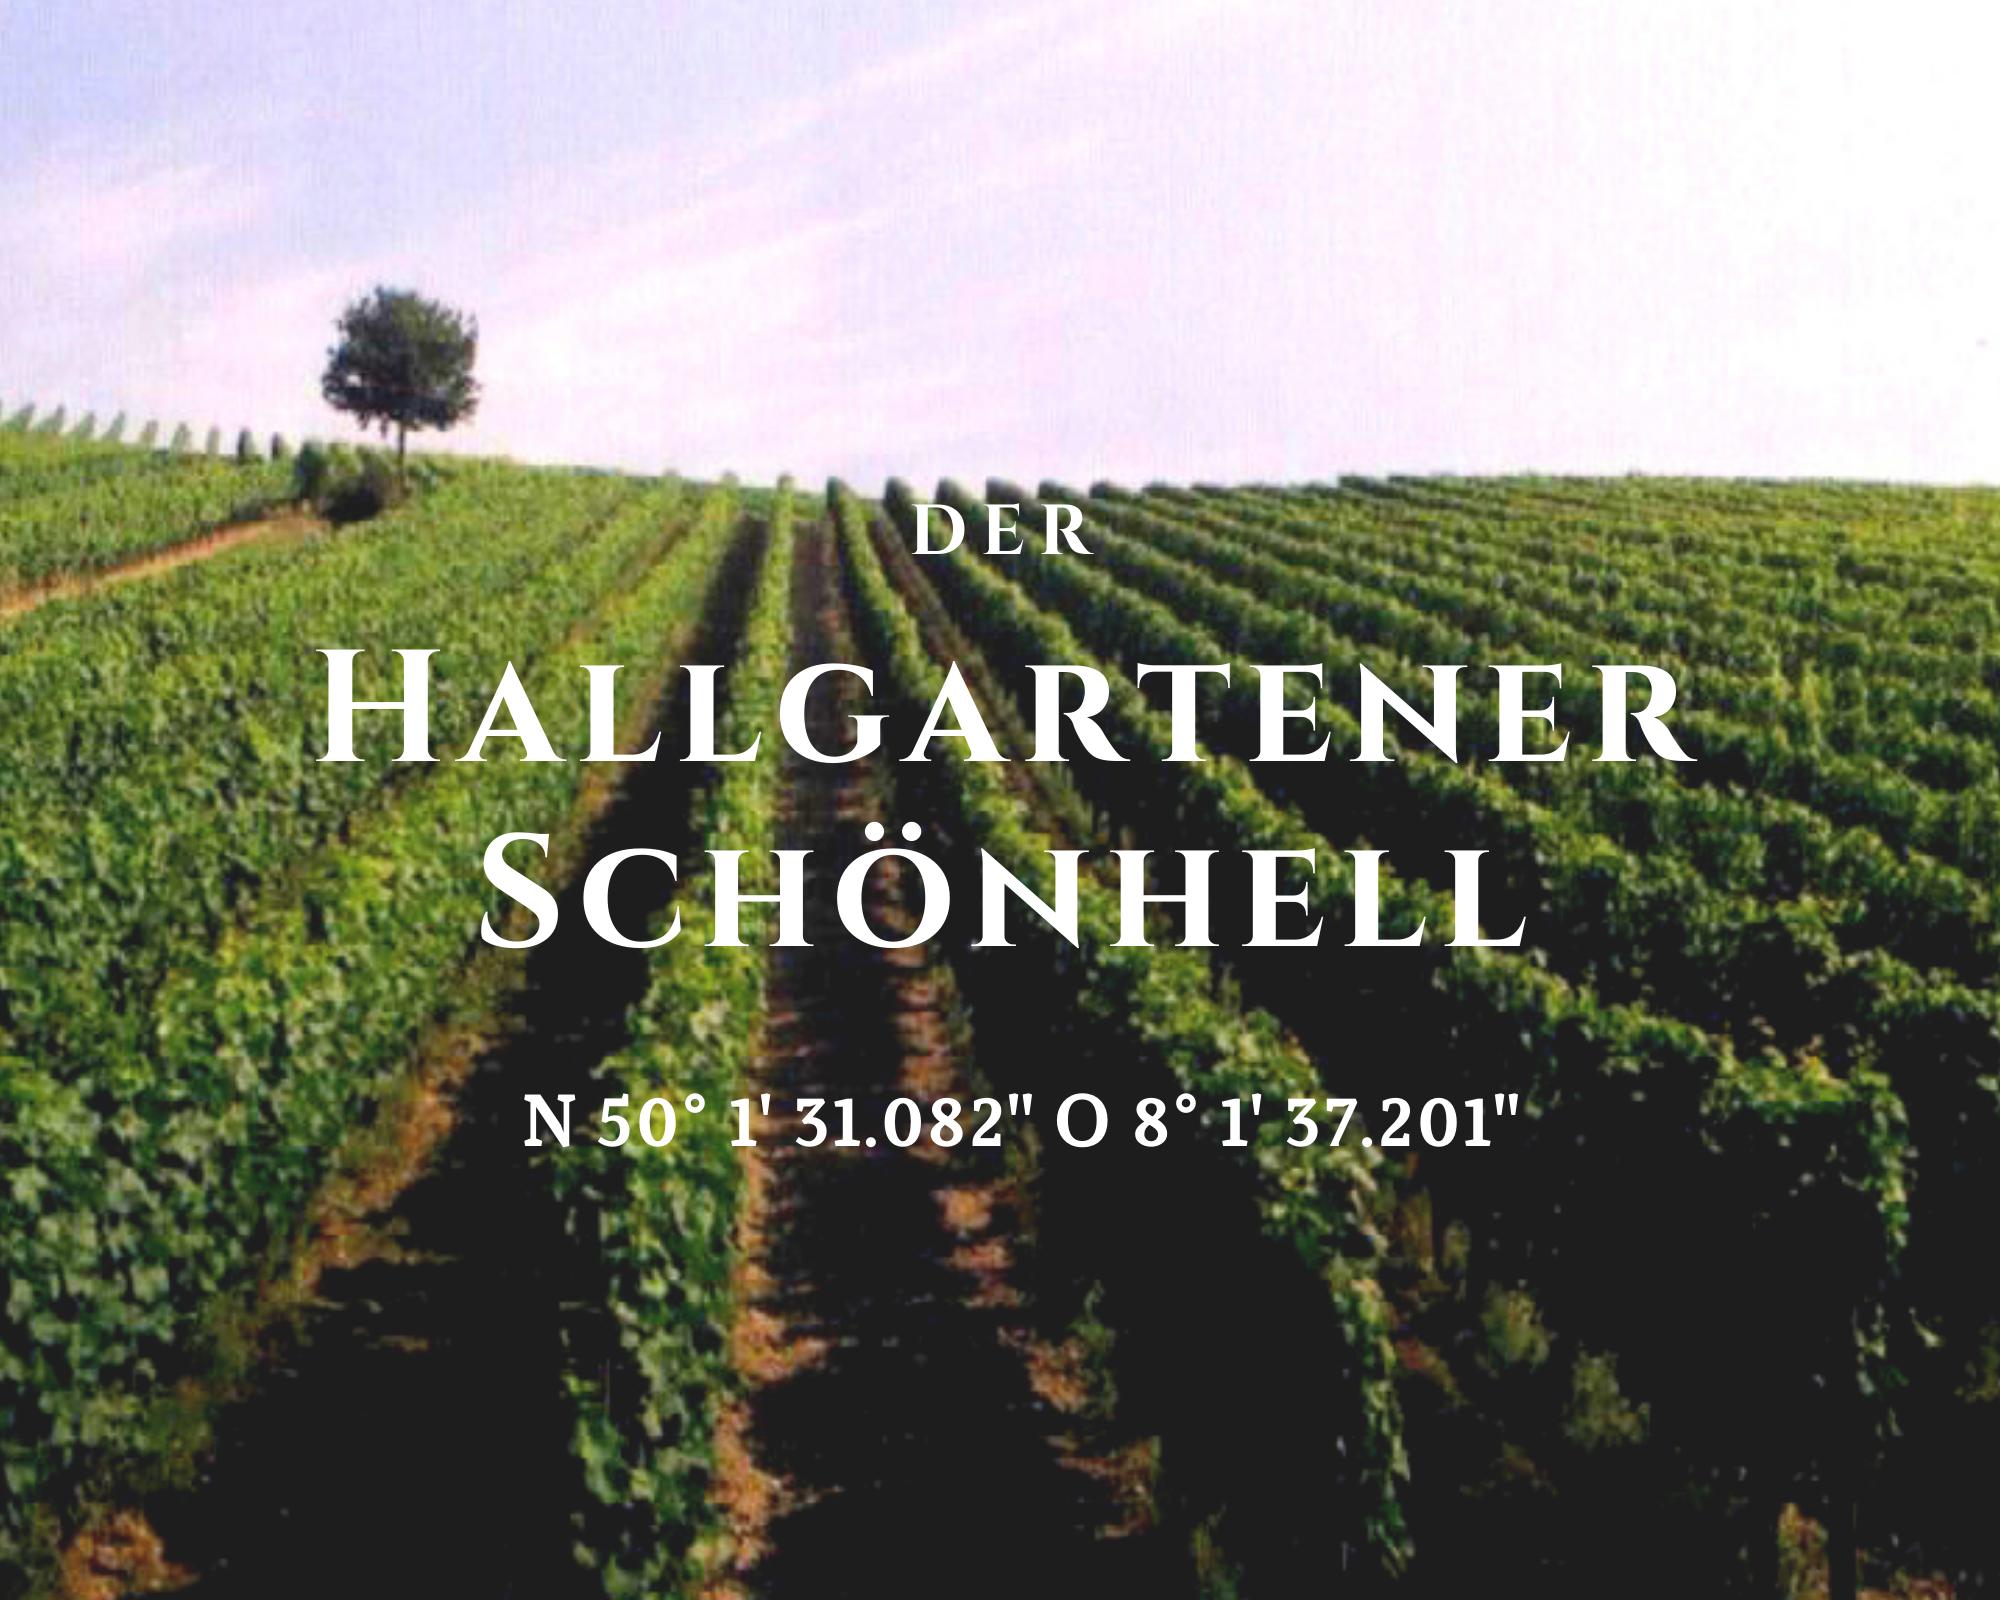 Klassischer Rheingau aus dem Hallgartener Schönhell